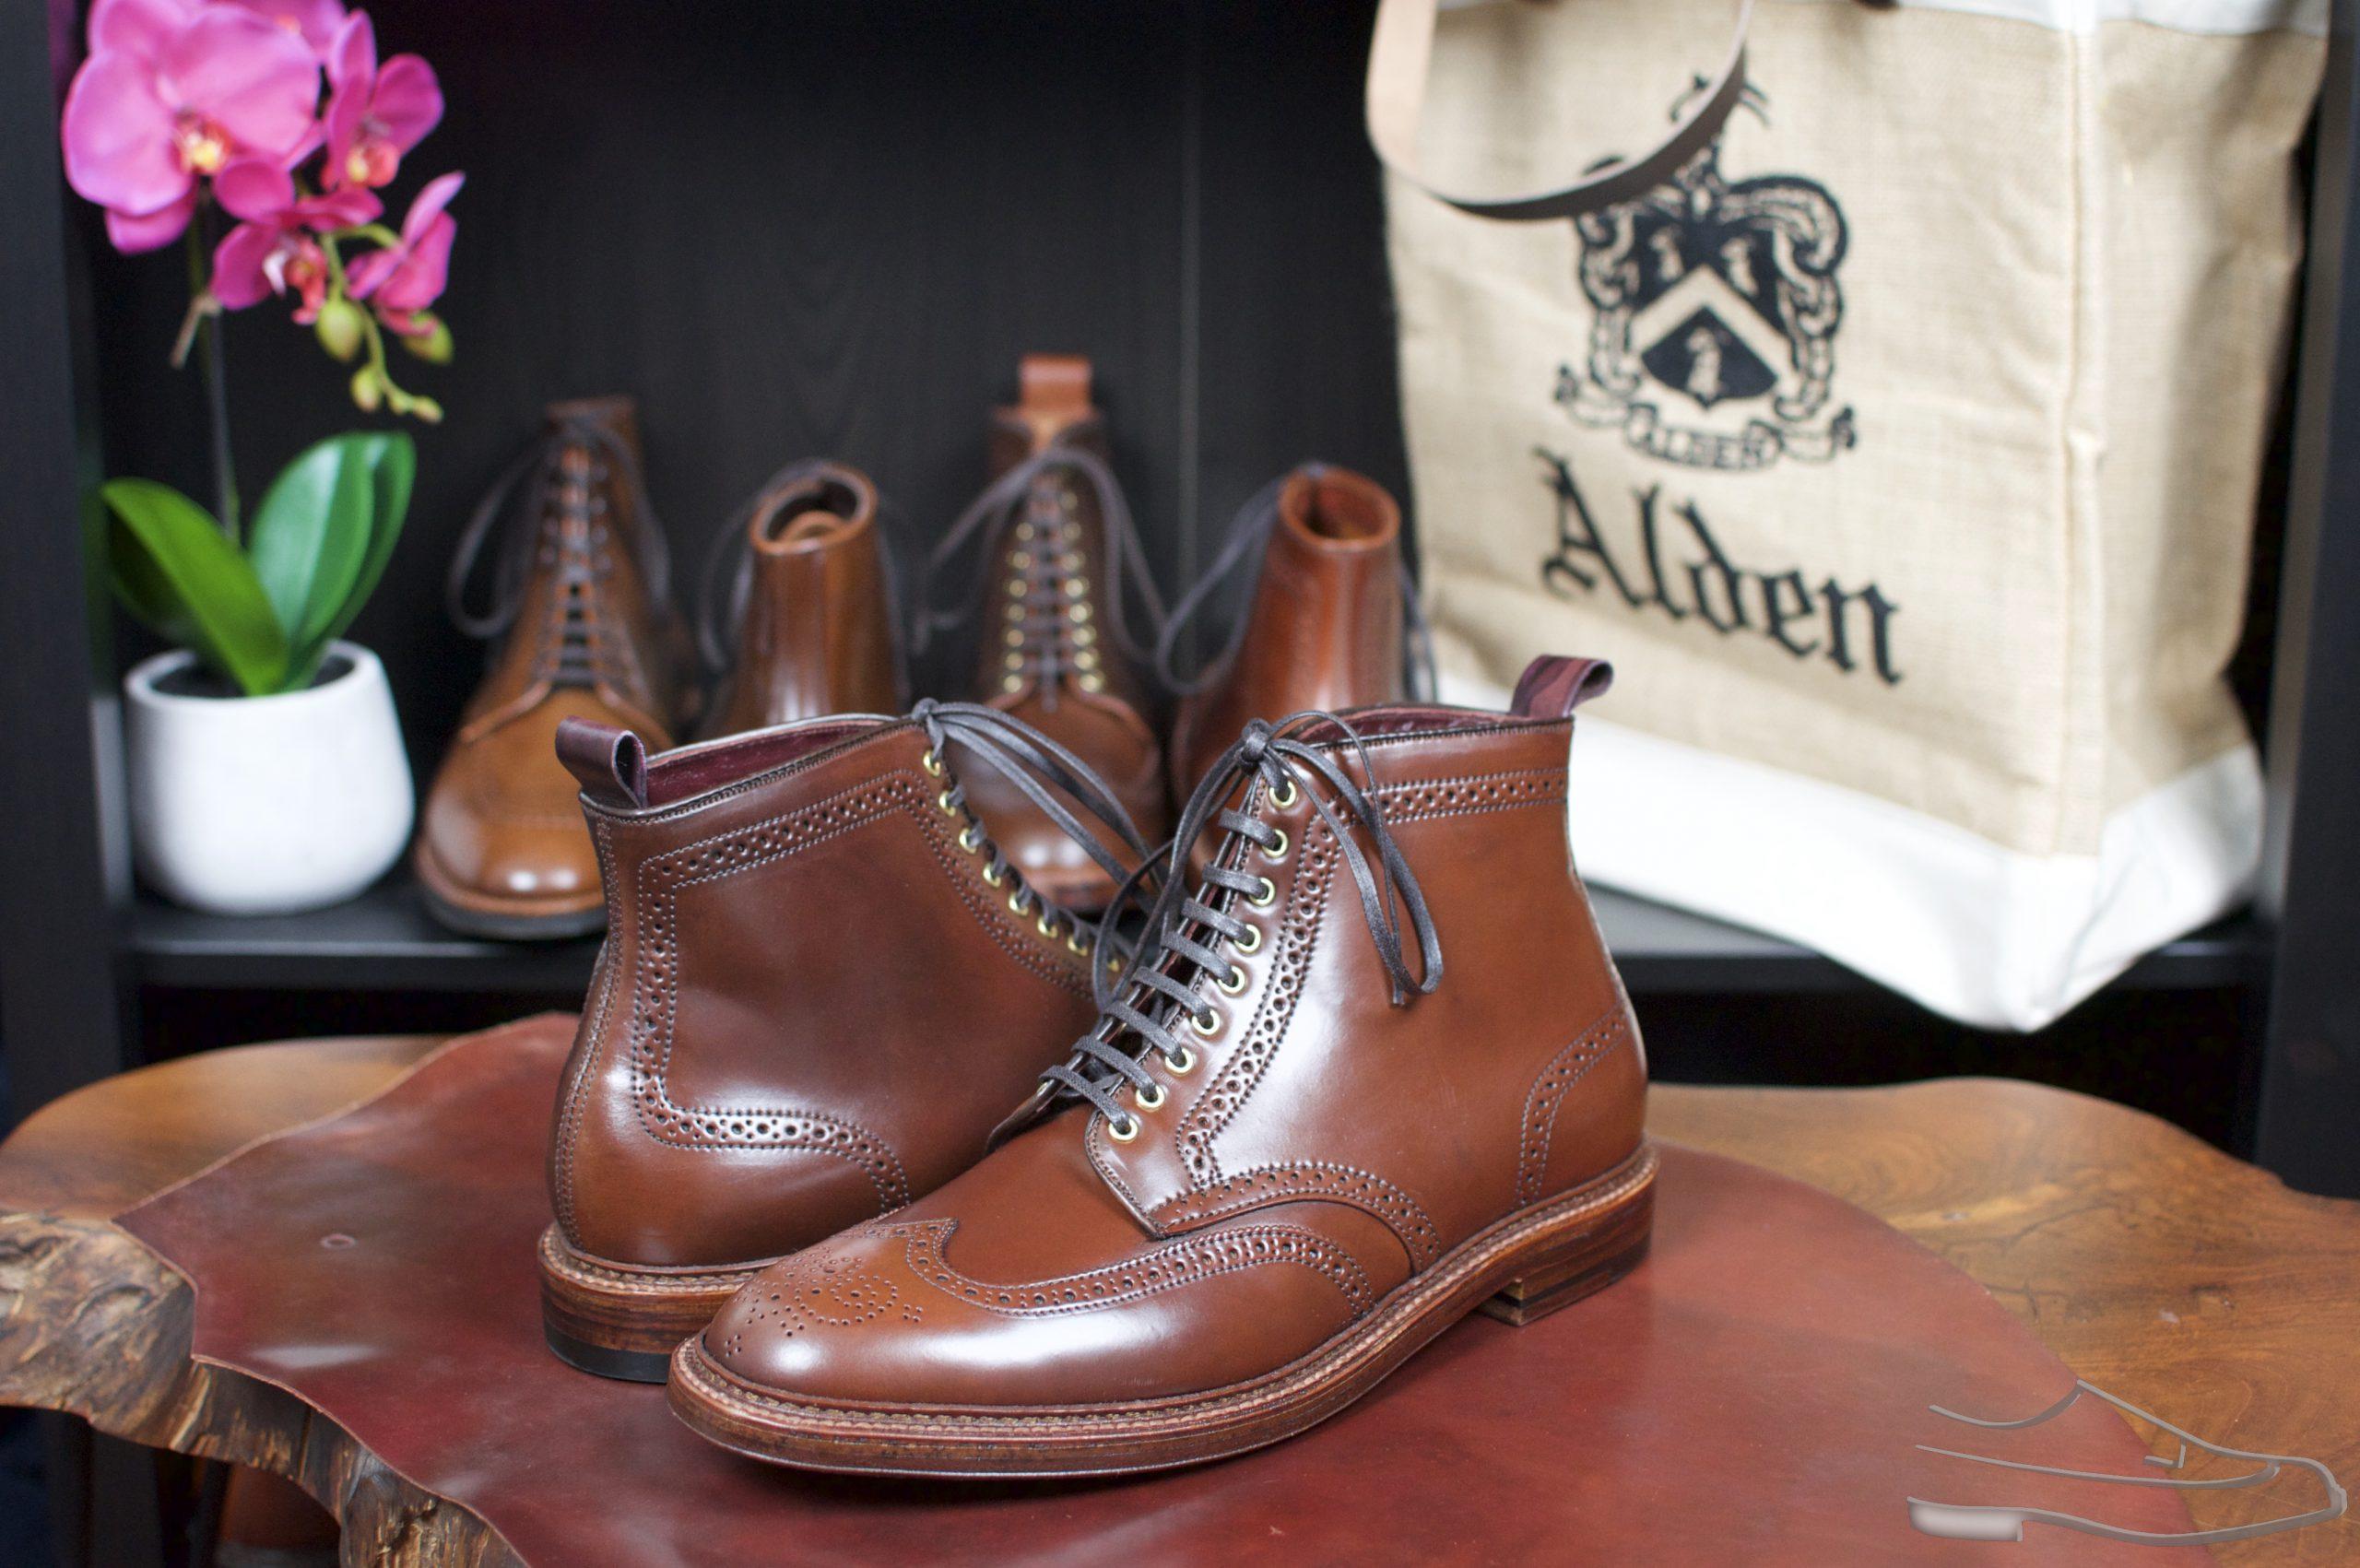 Alden x B+M Color #4 Wingtip Boots